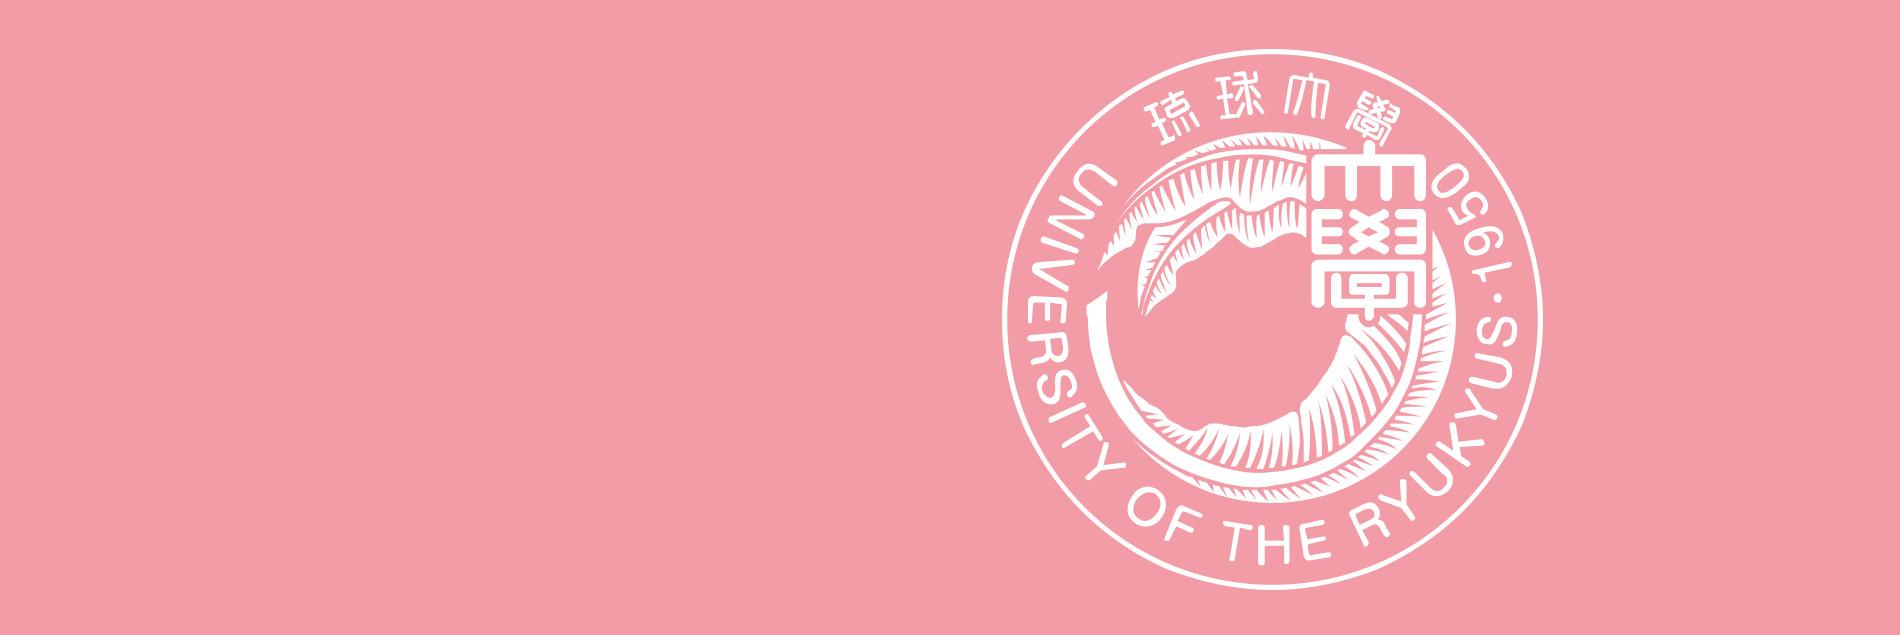 県 南部 保健所 沖縄